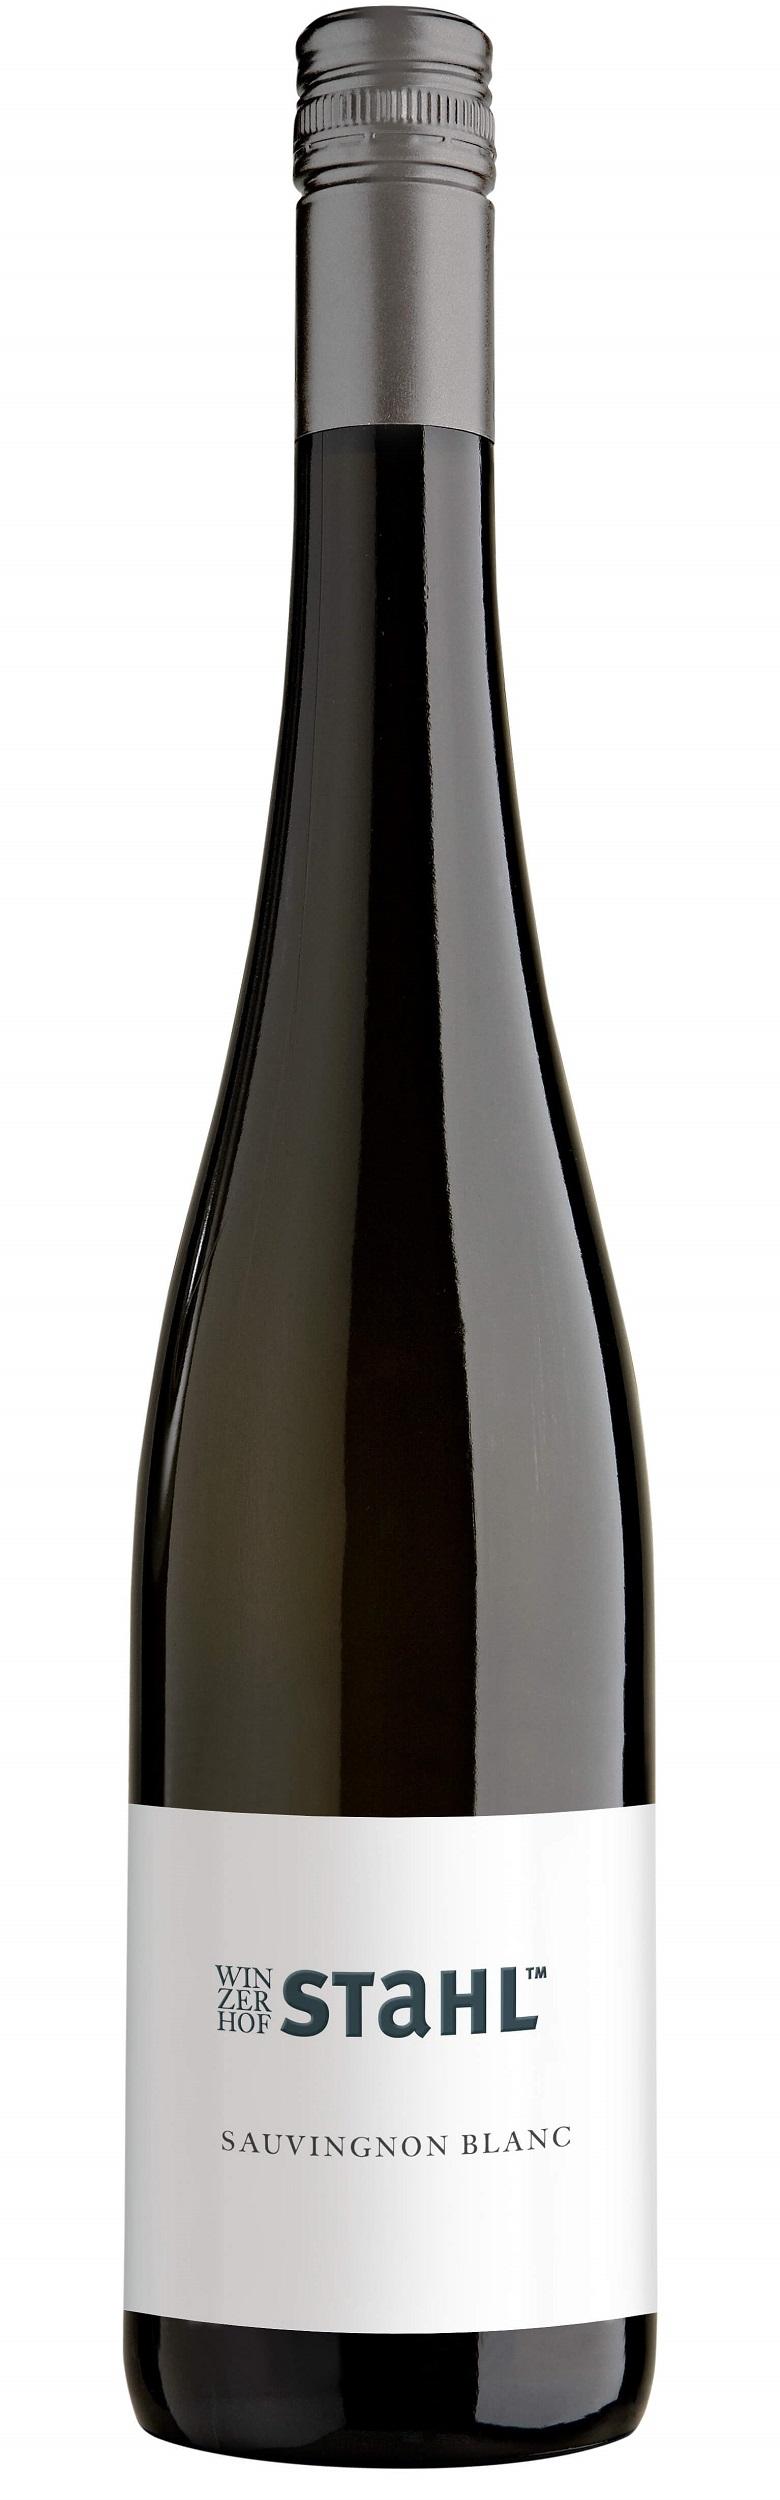 2020 Sauvignon Blanc PRE-RELEASE Qualitätswein